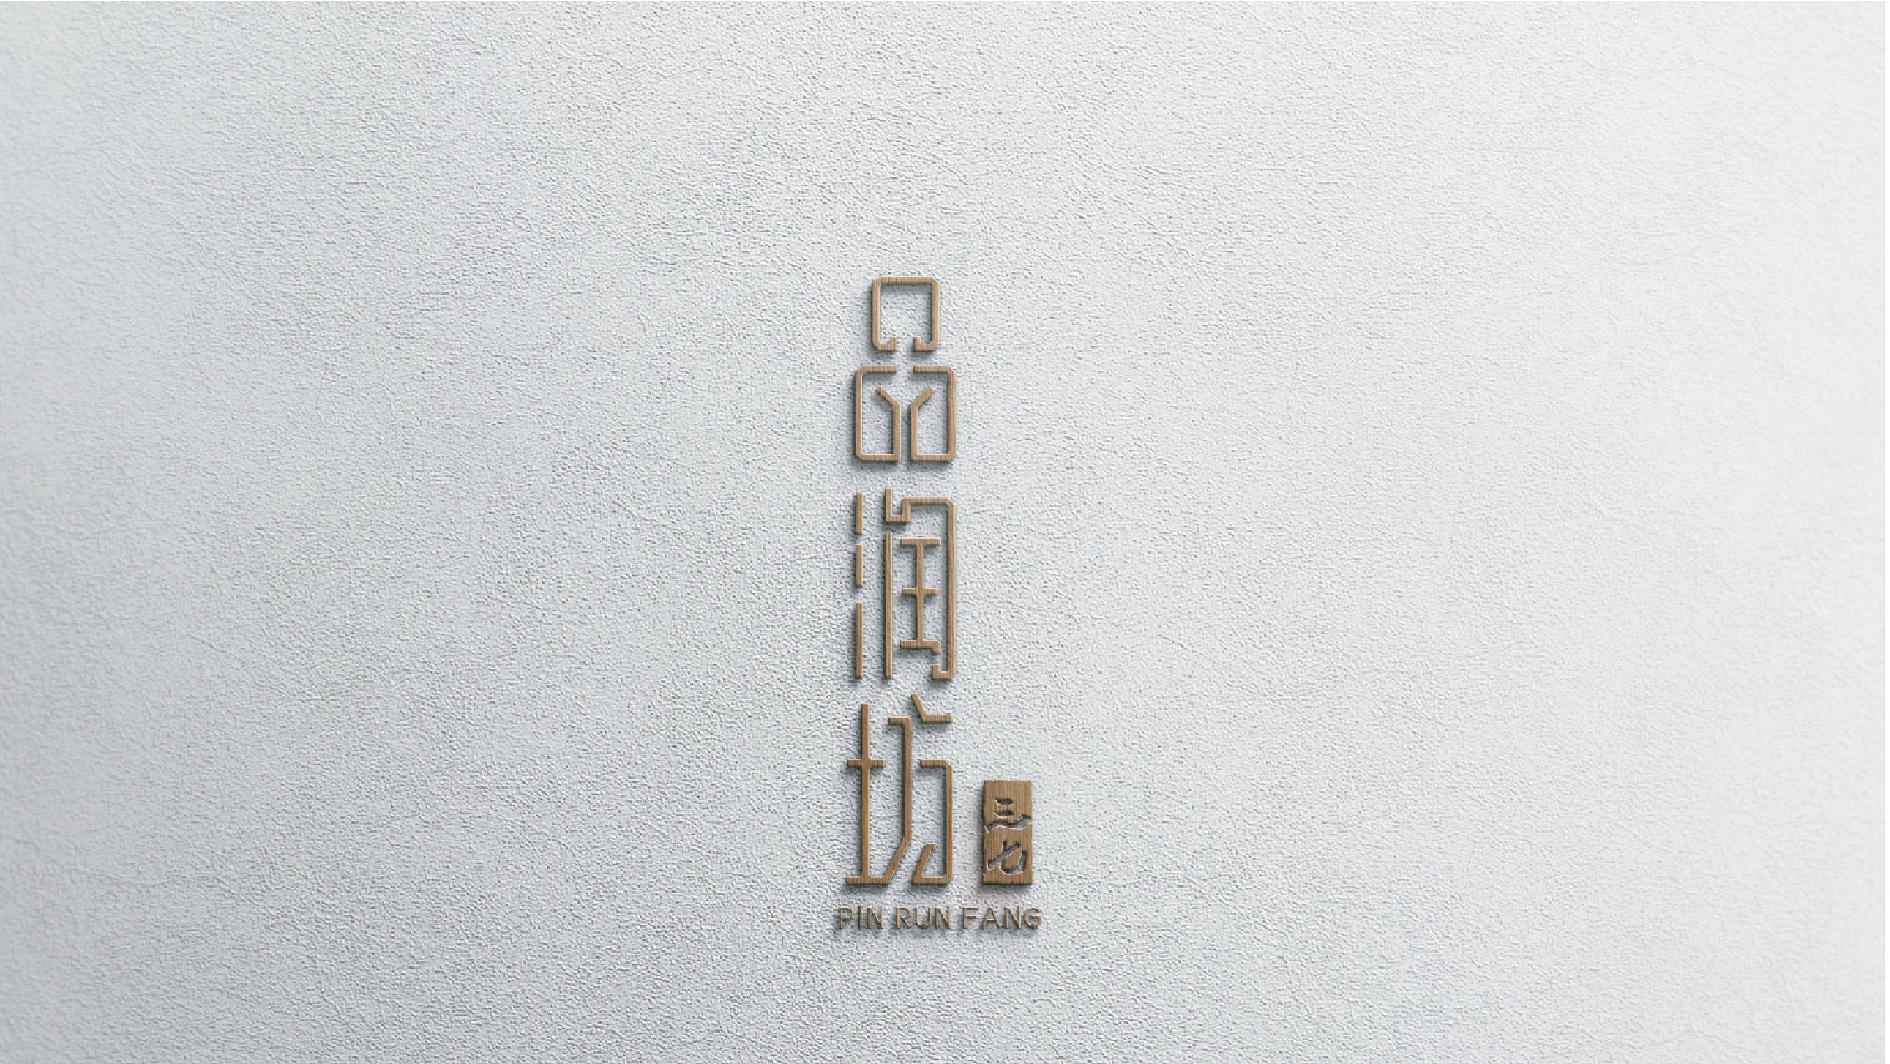 品润坊-品润坊-05